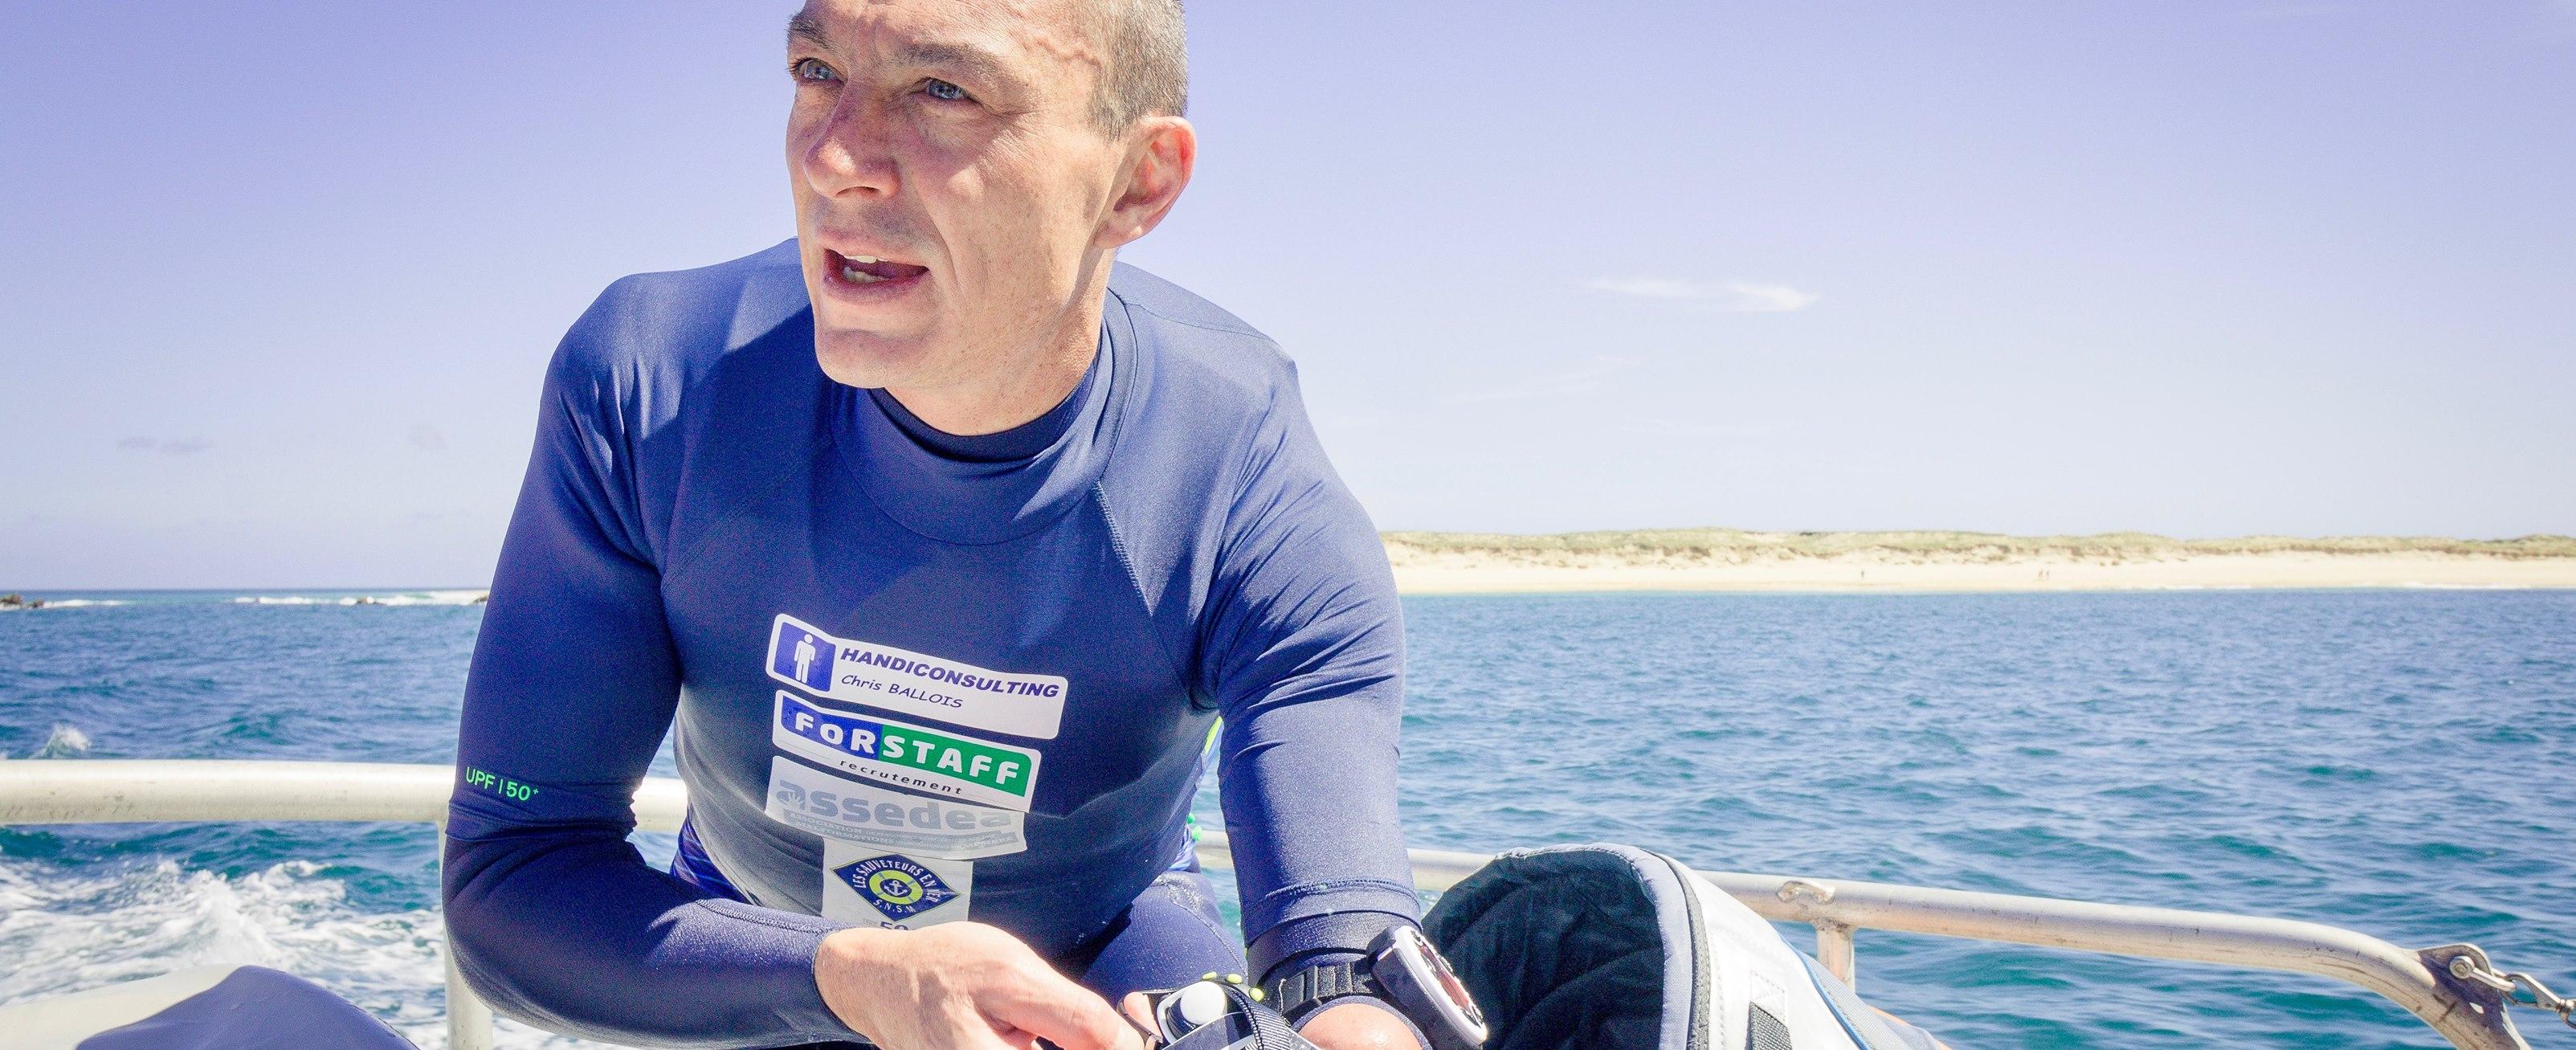 Le Conquet - St Malo : Un nouveau défi kite pour Chris Ballois